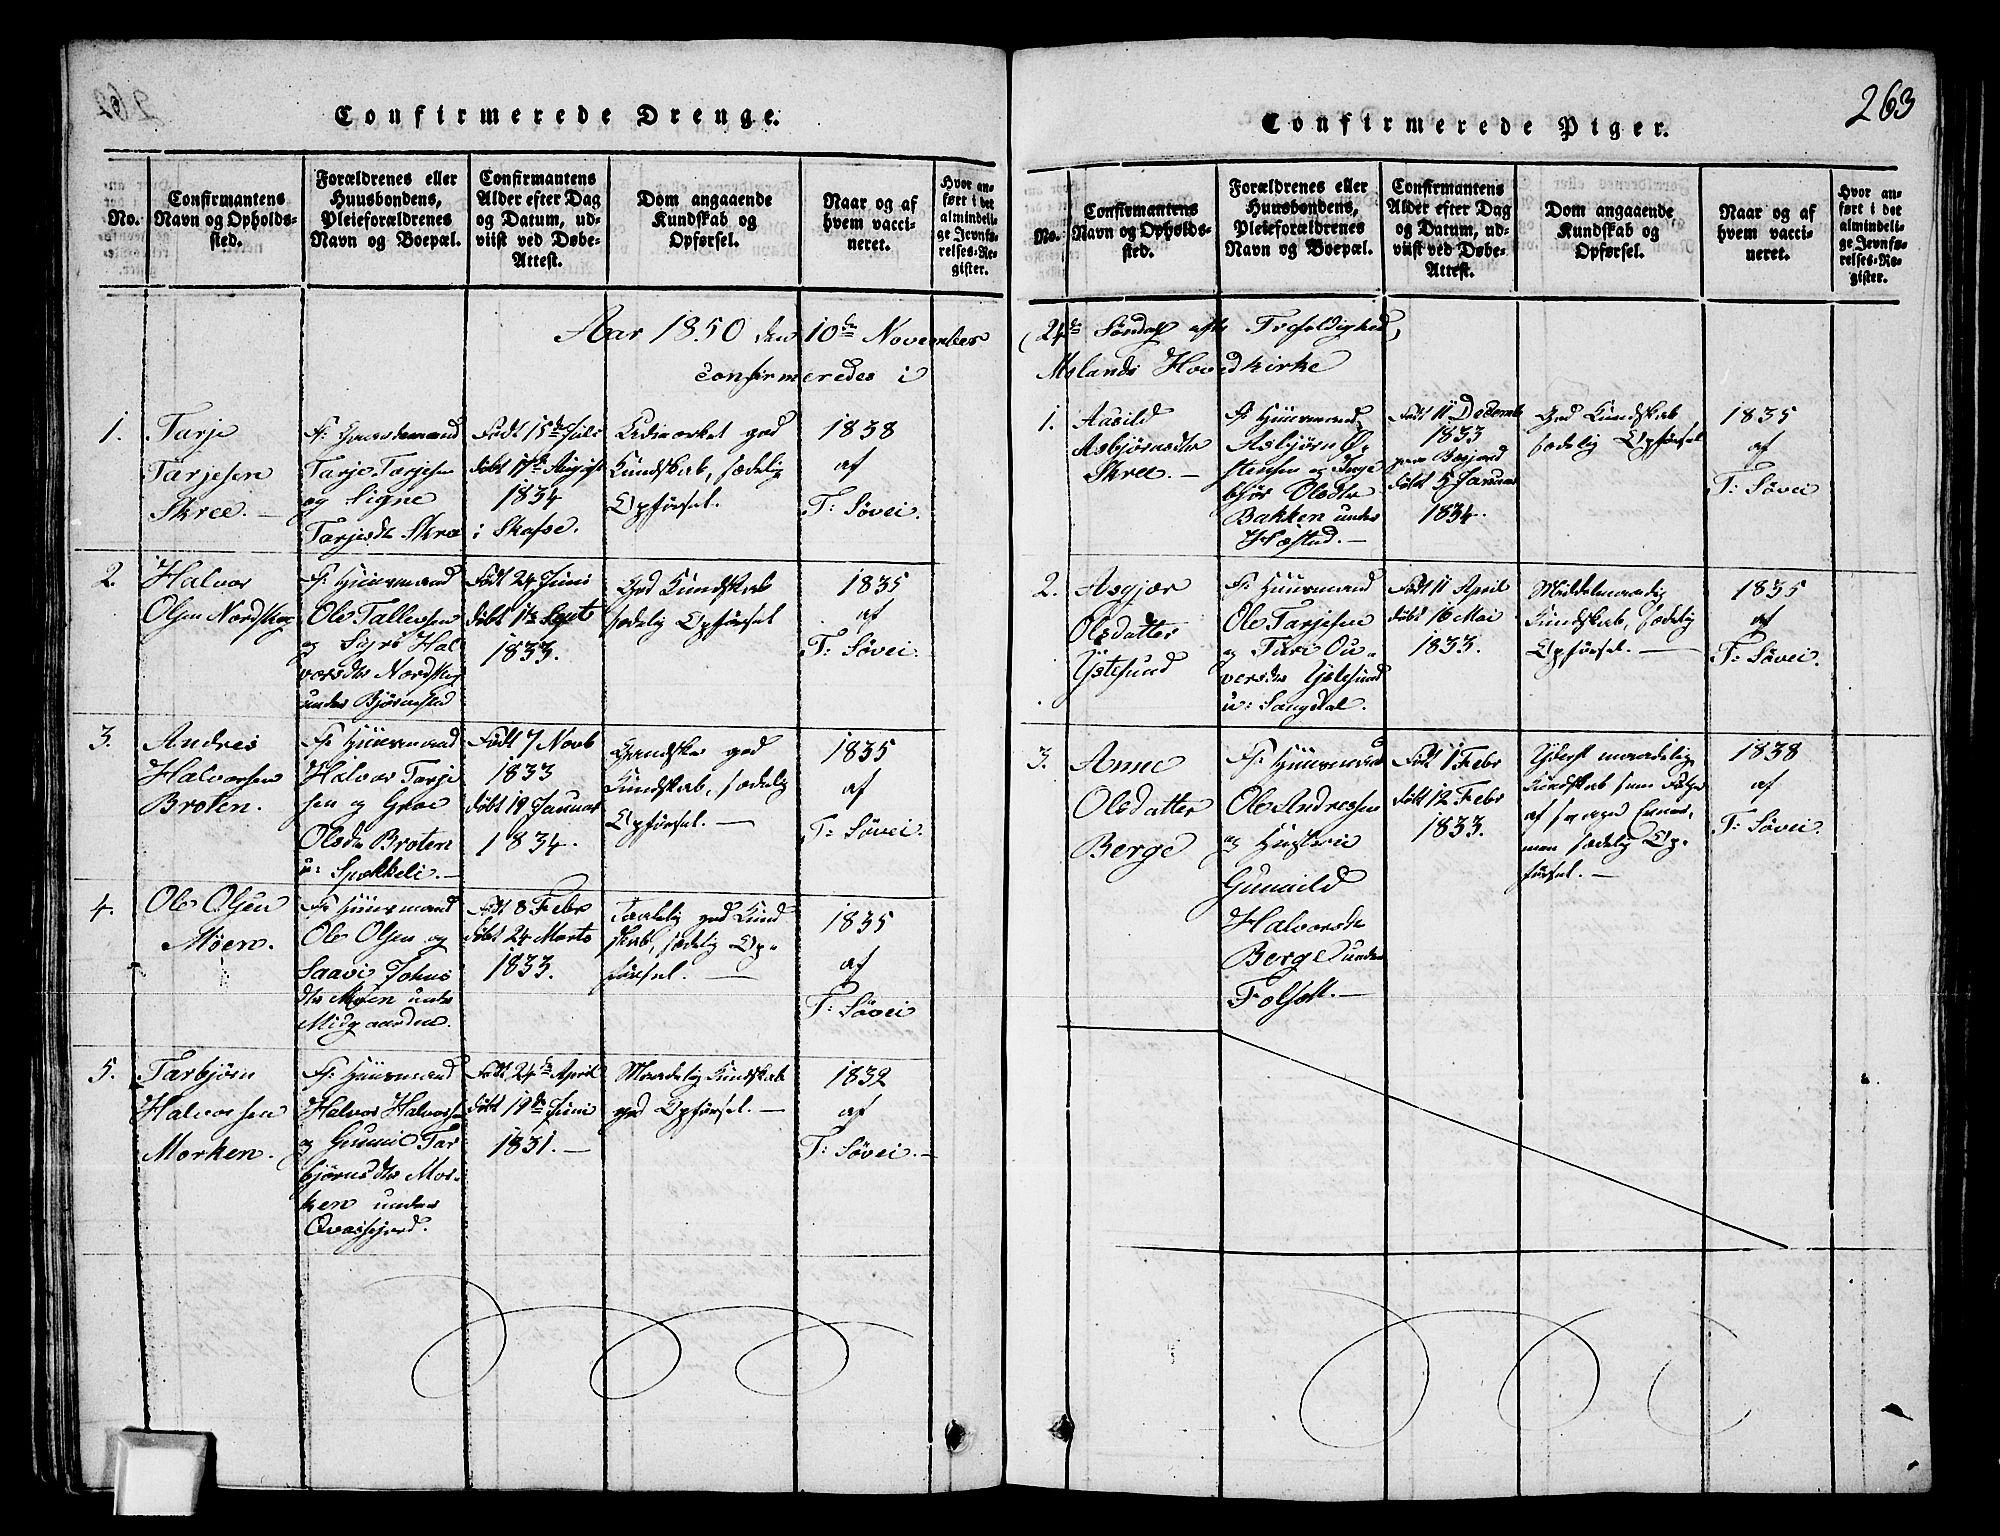 SAKO, Fyresdal kirkebøker, G/Ga/L0003: Klokkerbok nr. I 3, 1815-1863, s. 263